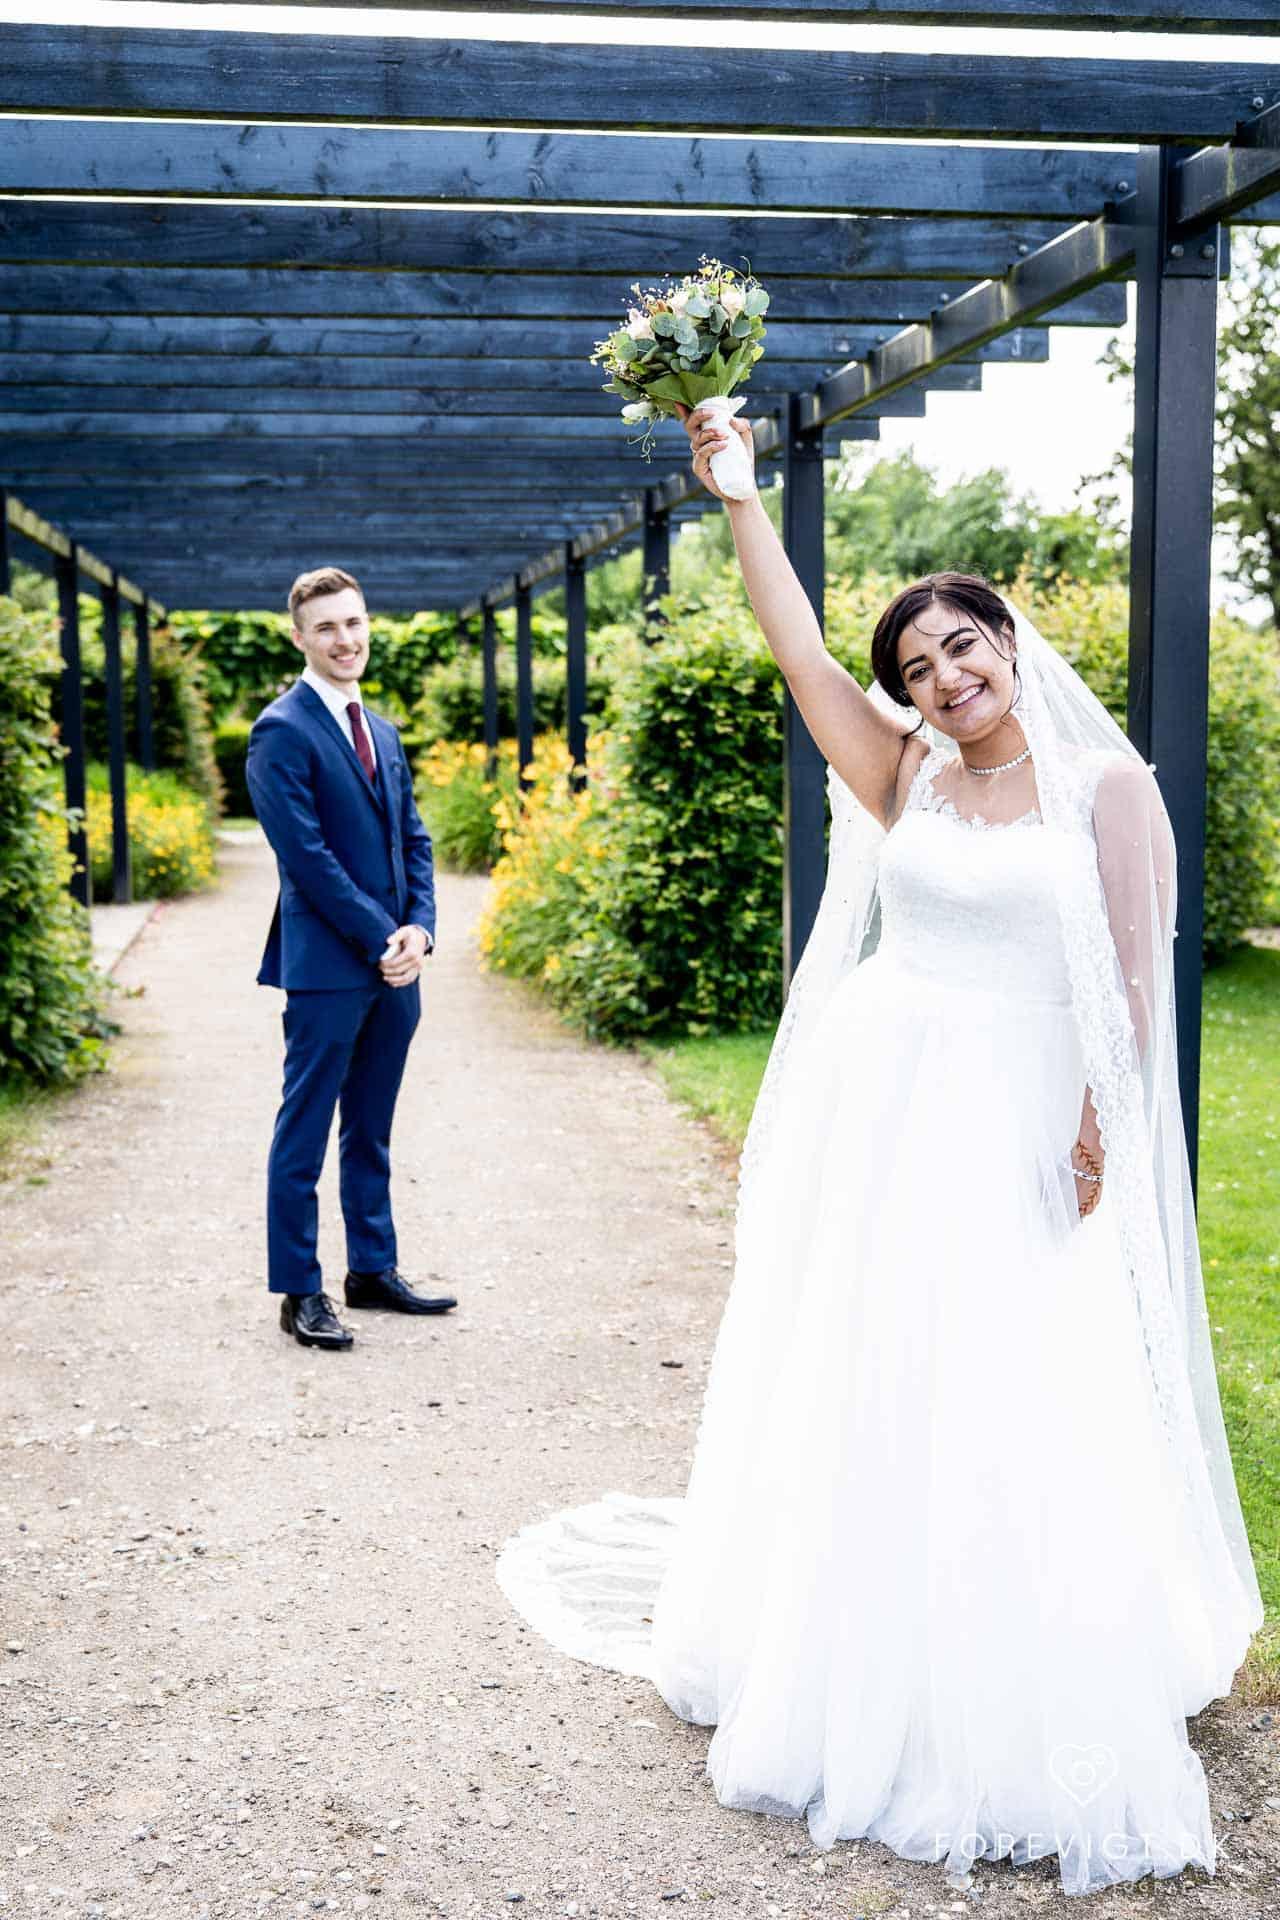 Fotograf i Kolding - børneportræt, bryllup, packshot